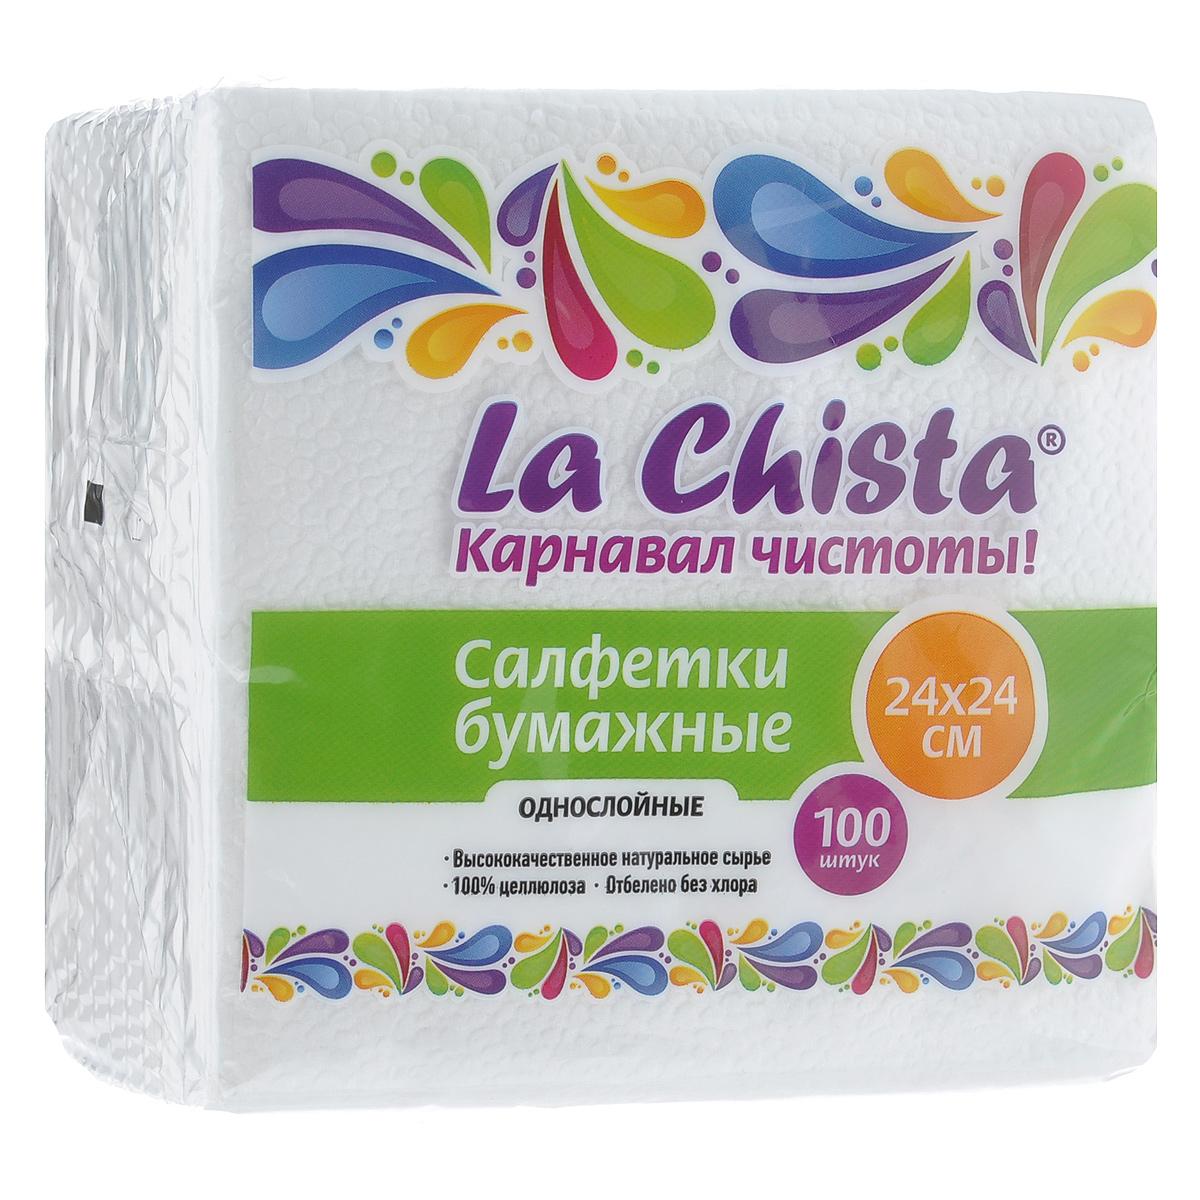 Салфетки бумажные La Chista, однослойные, 100 шт870309Однослойные салфетки La Chista выполнены из 100% целлюлозы. Салфетки подходят для косметического, санитарно-гигиенического и хозяйственного назначения. Нежные и мягкие. Салфетки украшены узором. Размер салфеток: 24 см х 24 см